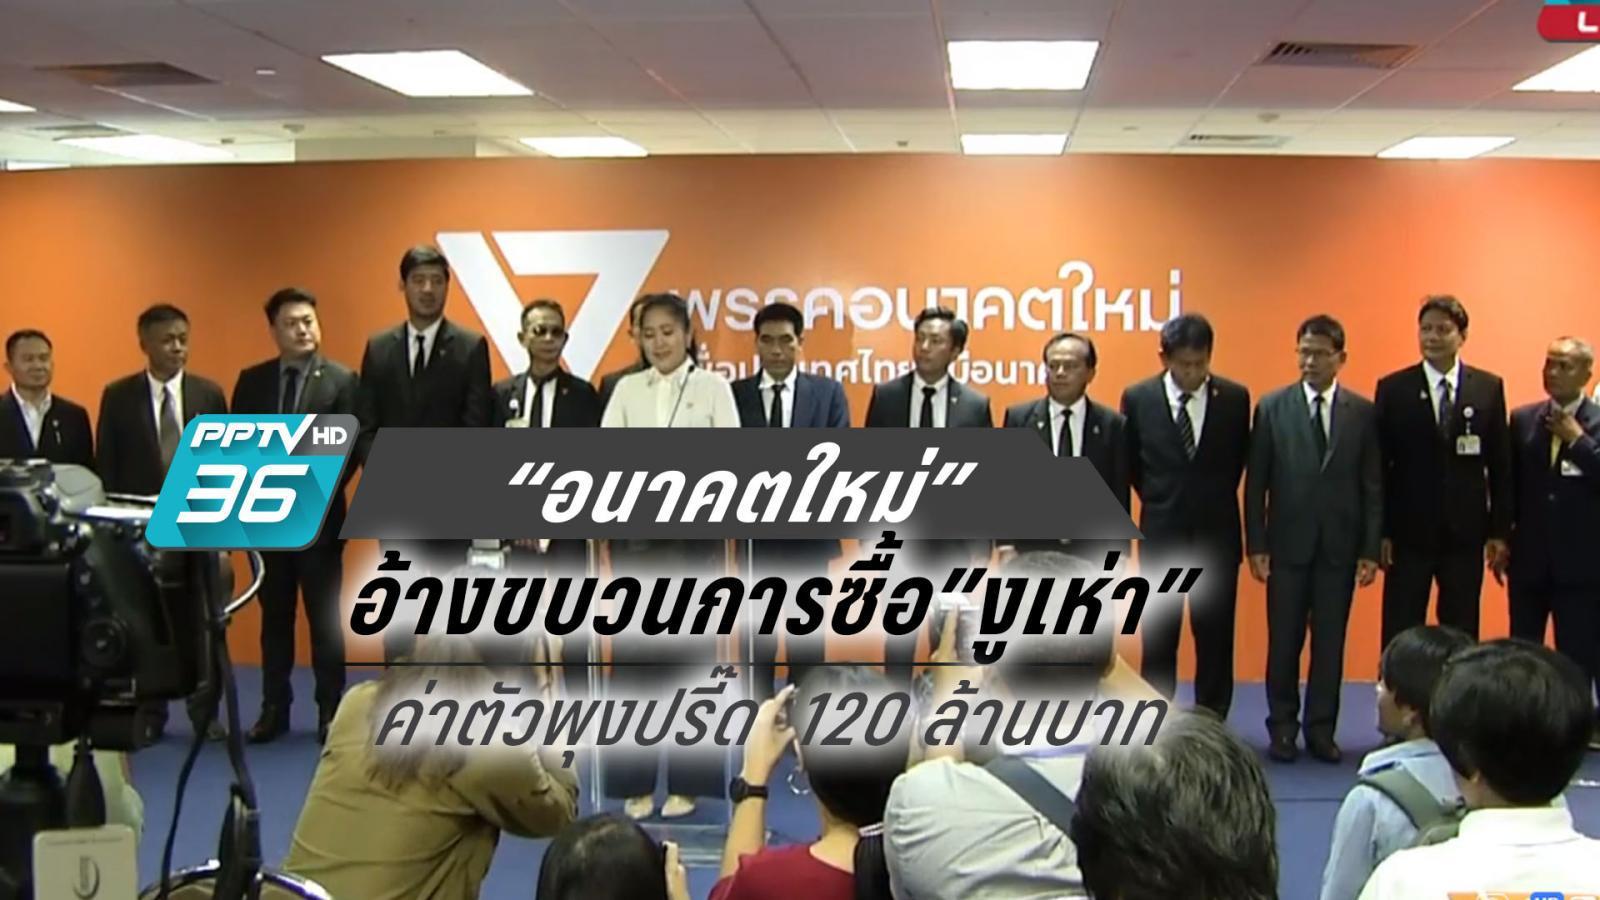 """""""อนาคตใหม่"""" แถลงขบวนการซื้องูเห่า เสนอเงินสูงสุด 120 ล้านต่อคน"""